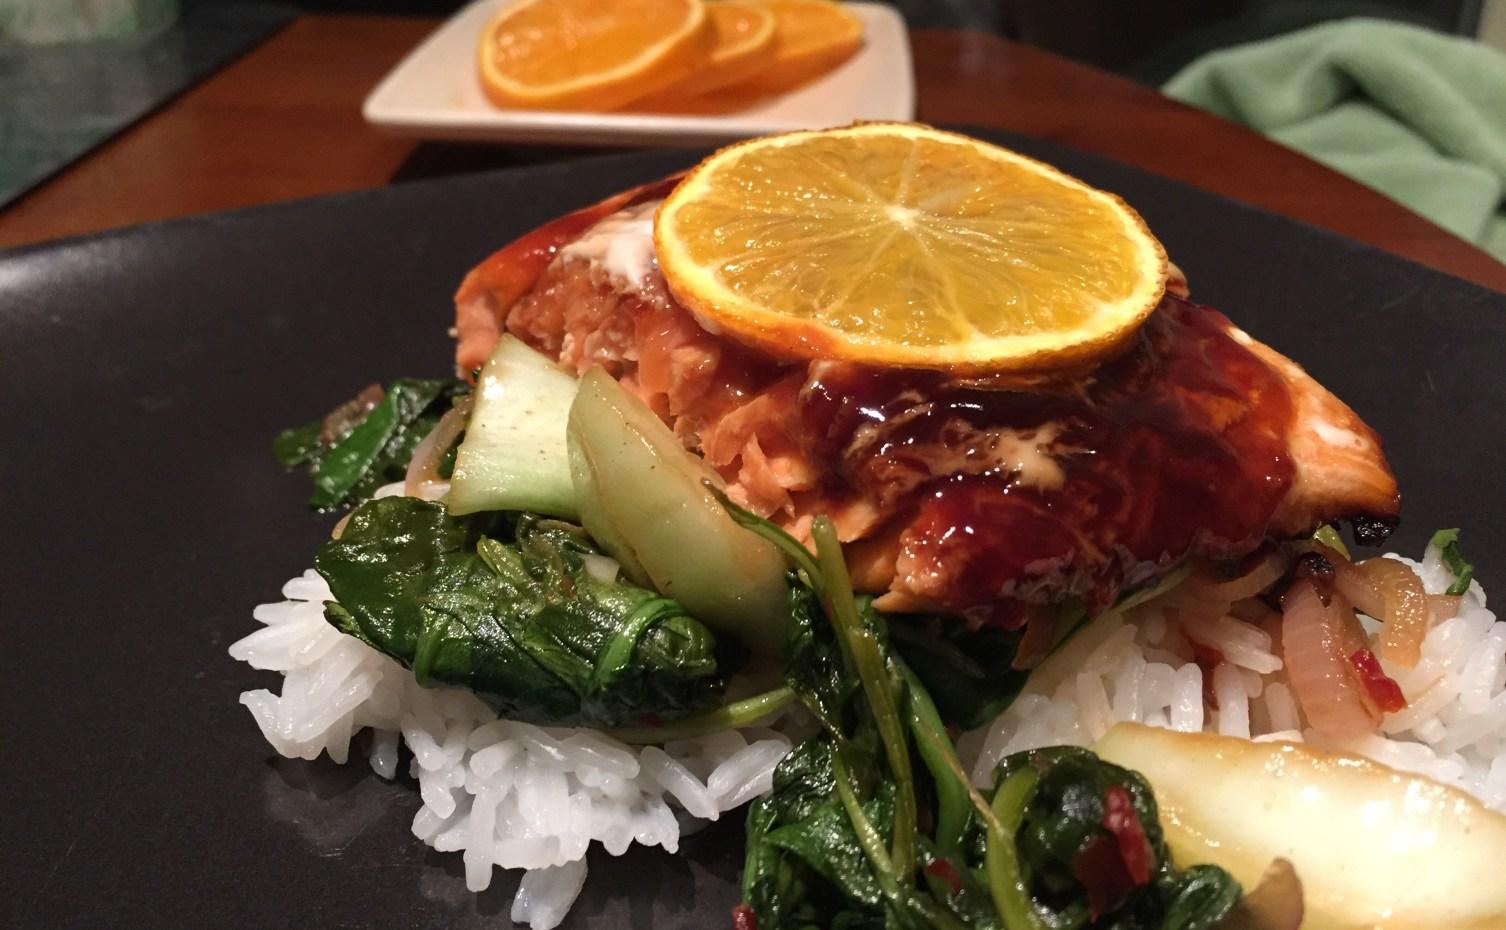 Orange Hoisin Glazed Salmon with Bok Choy Salad